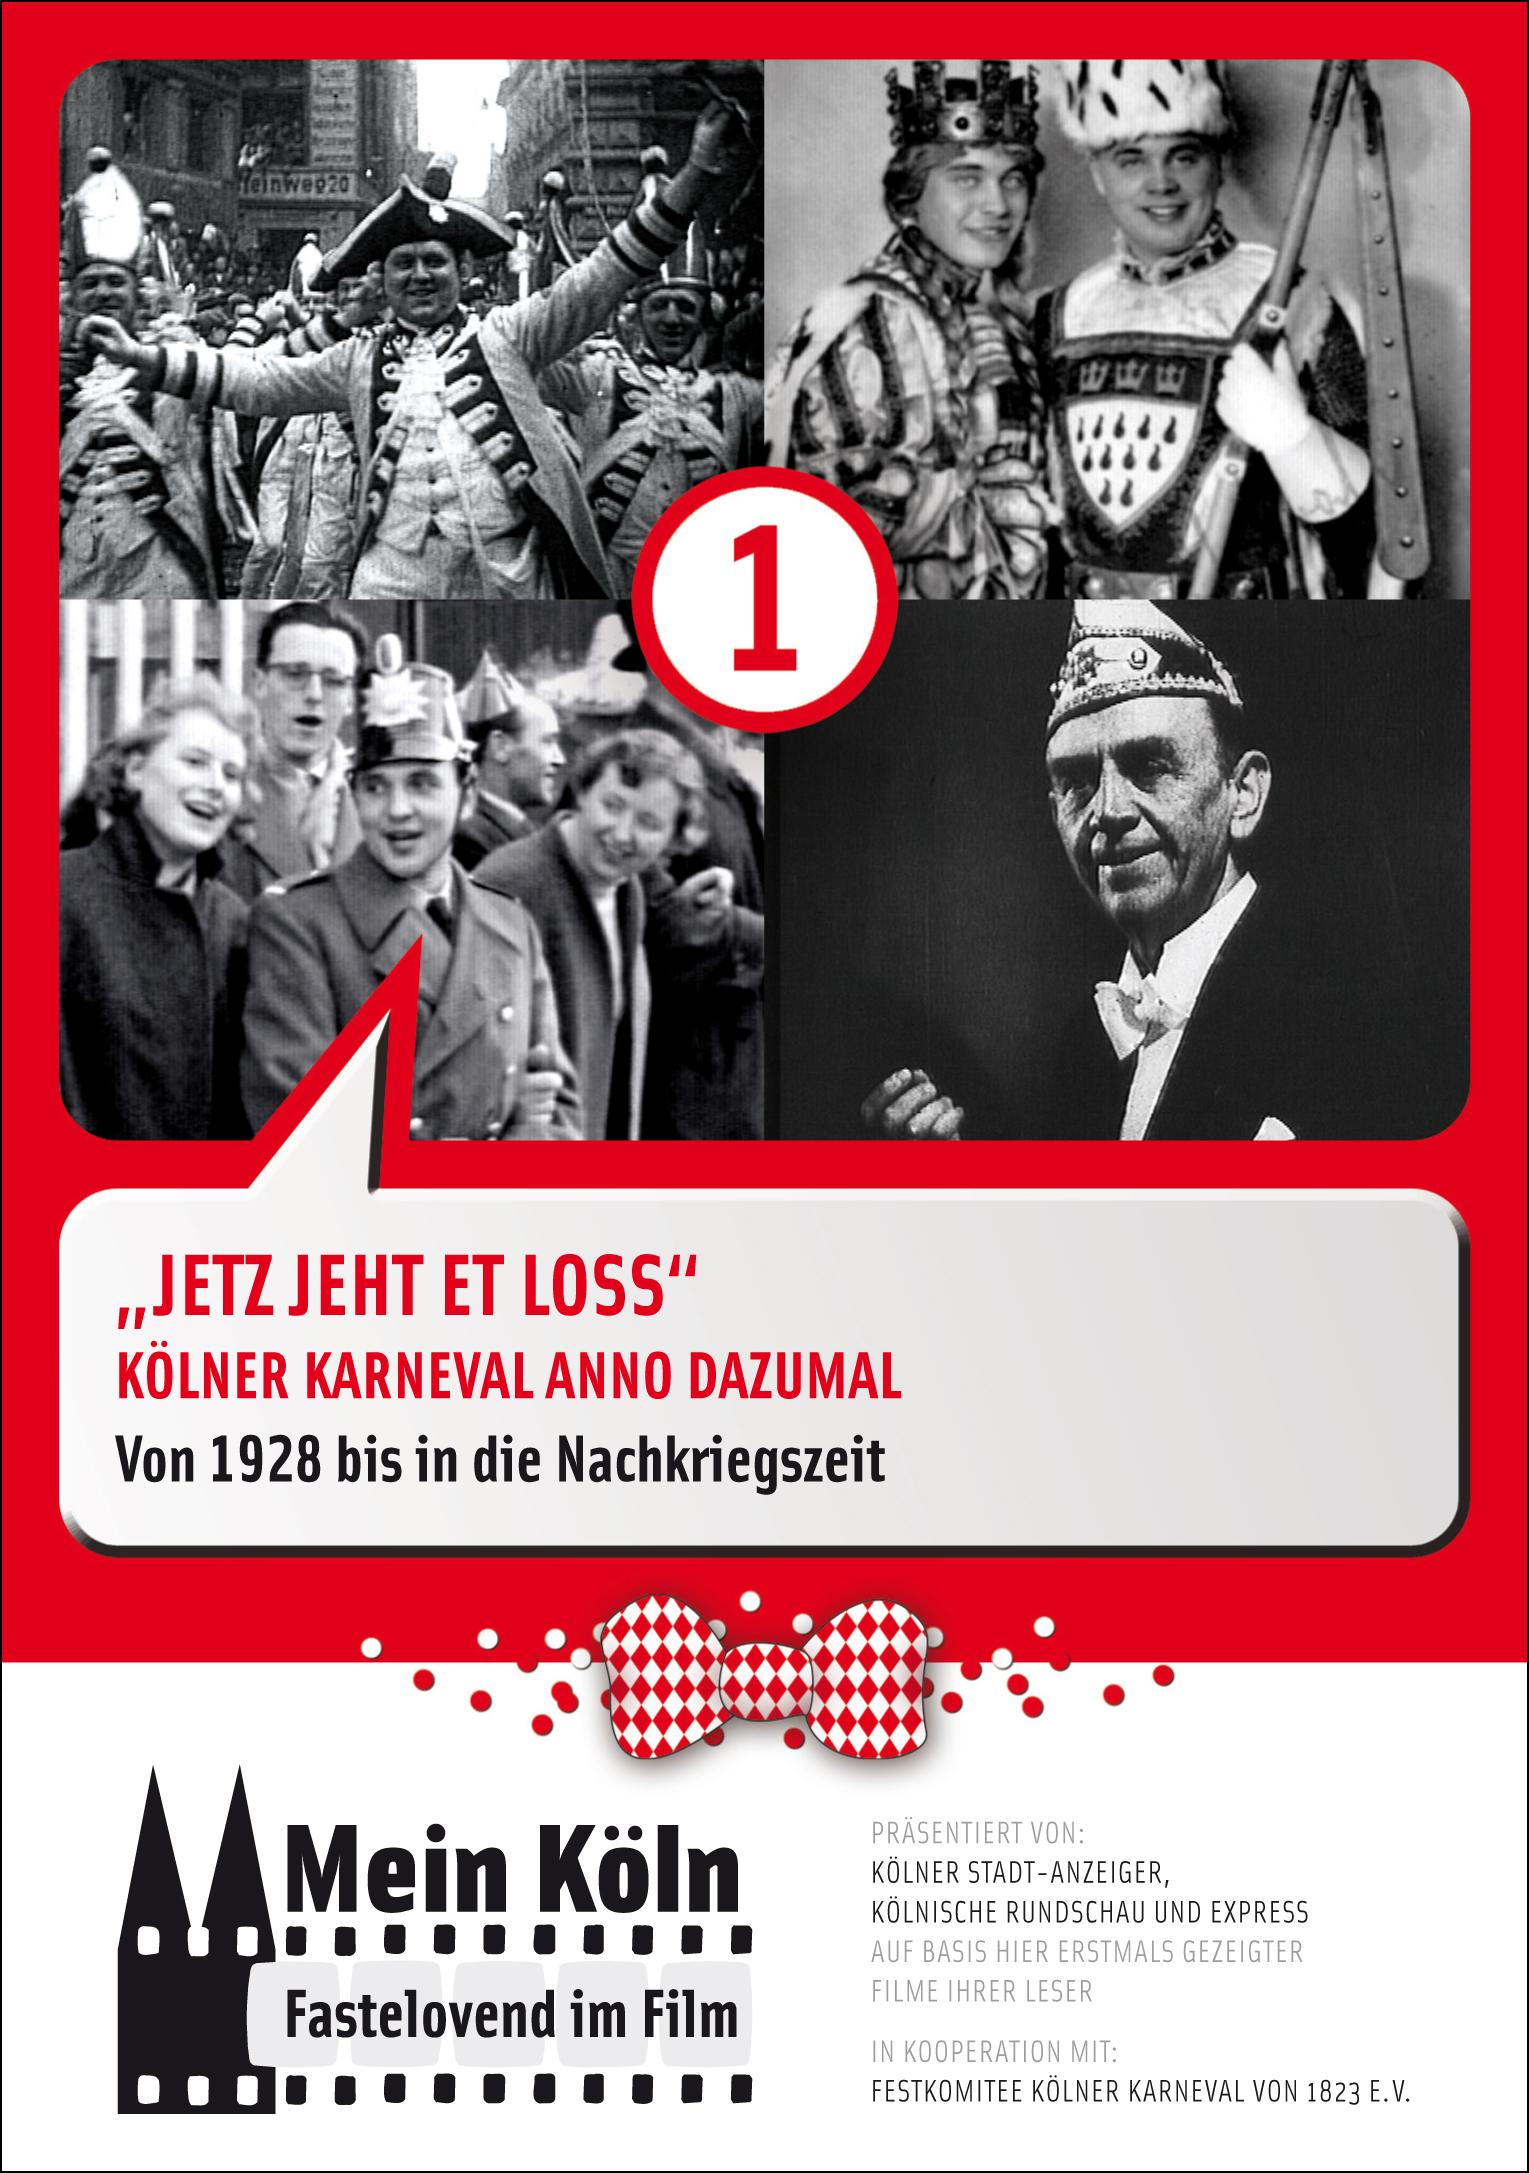 rhön stadtanzeiger grabfeld bekanntschaften kölner bekanntschaften  Anzeigen lesen, Kölner Stadt-Anzeiger.